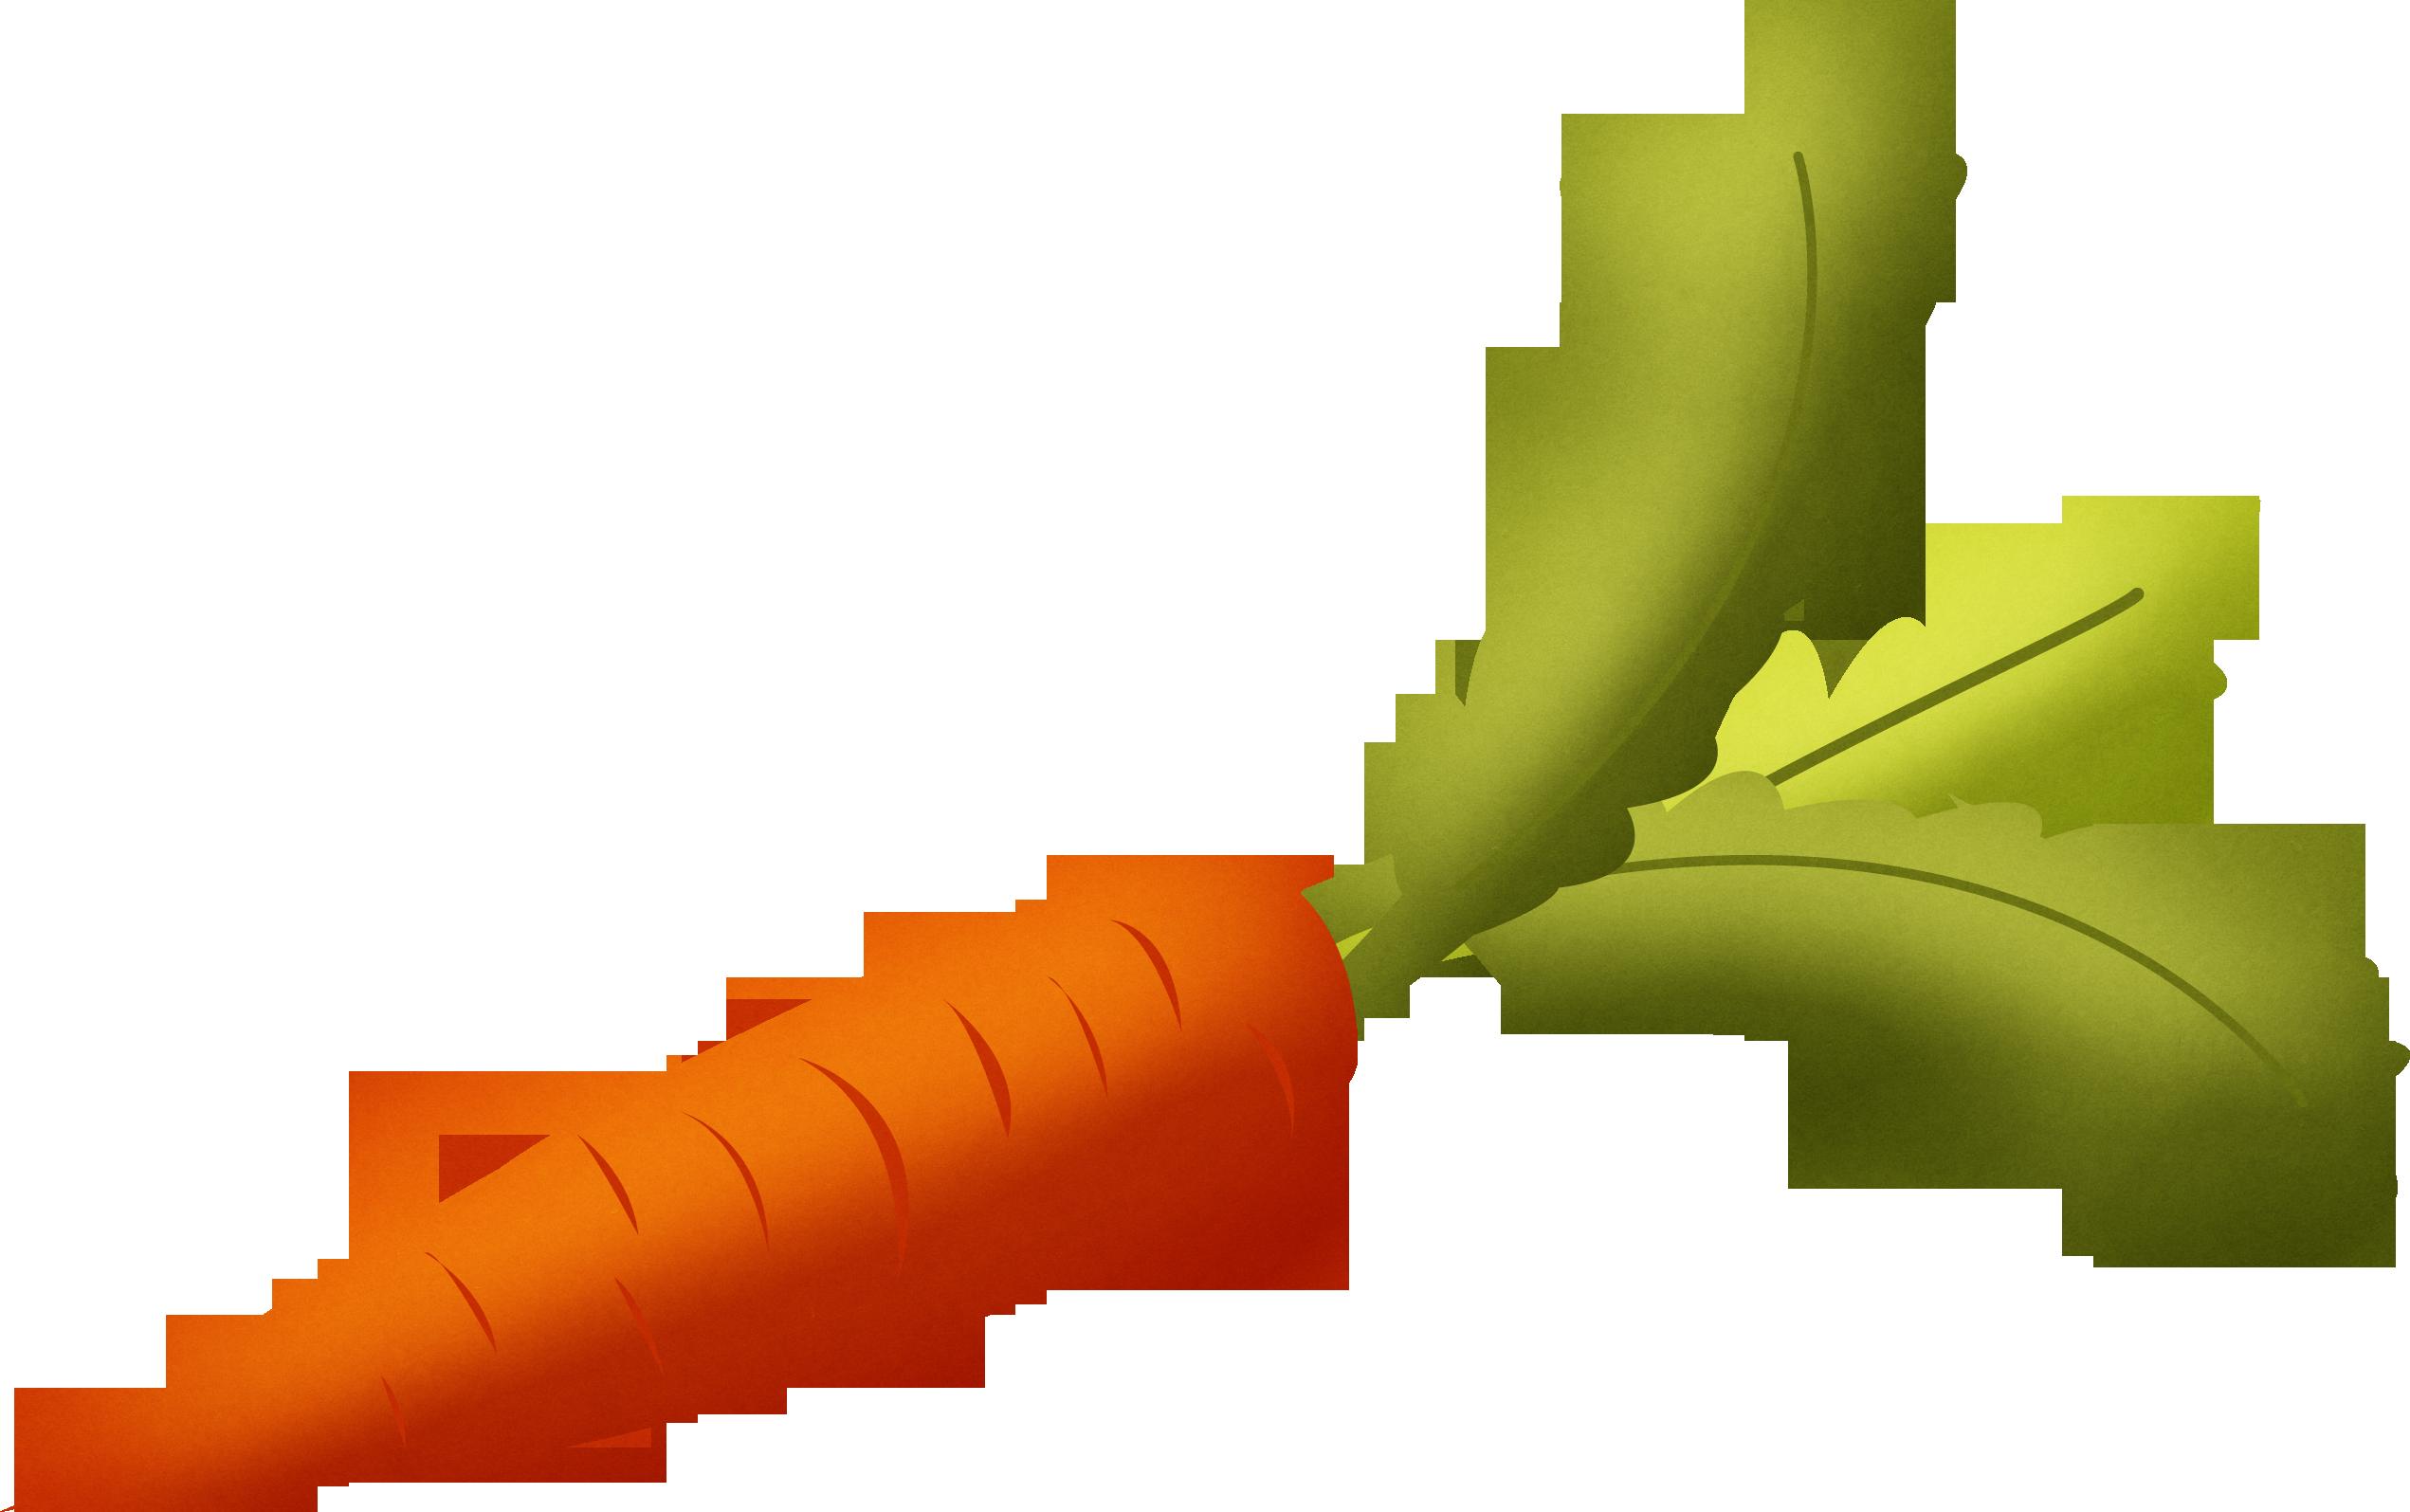 Carrot vegetable clipart #9